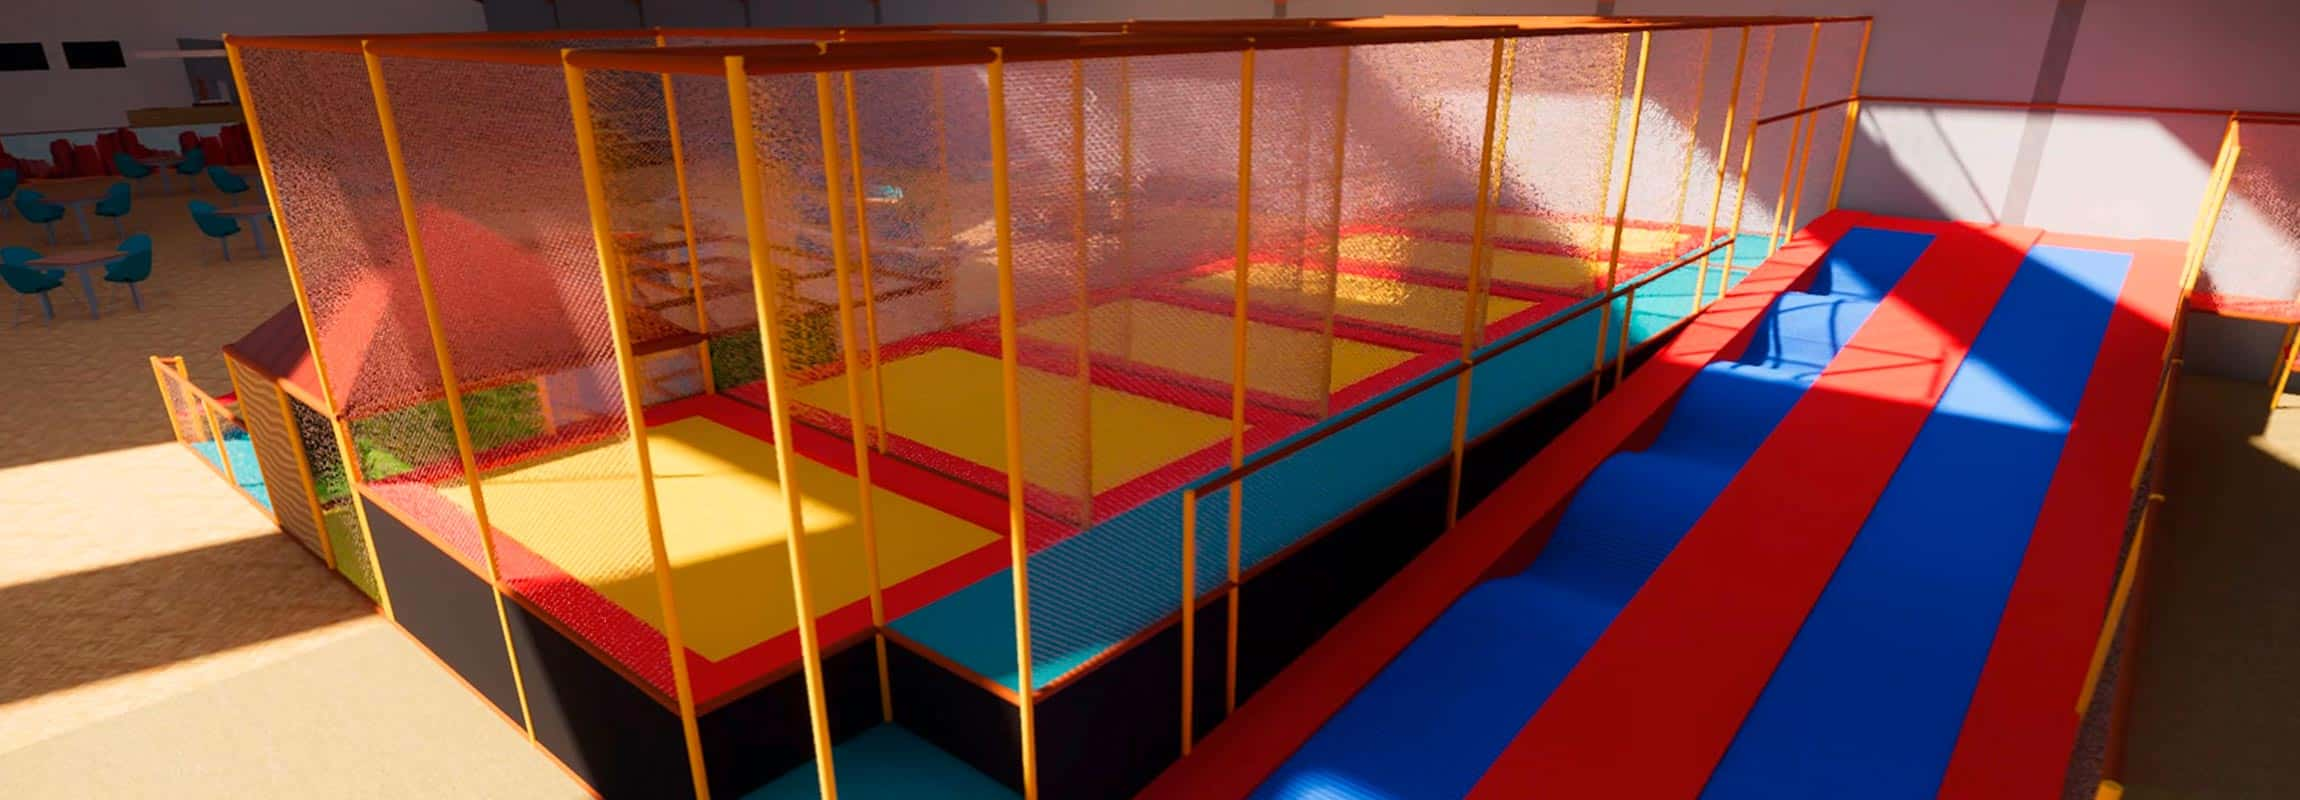 Indoorspielplatz-Trampolin-Rollenrutsche